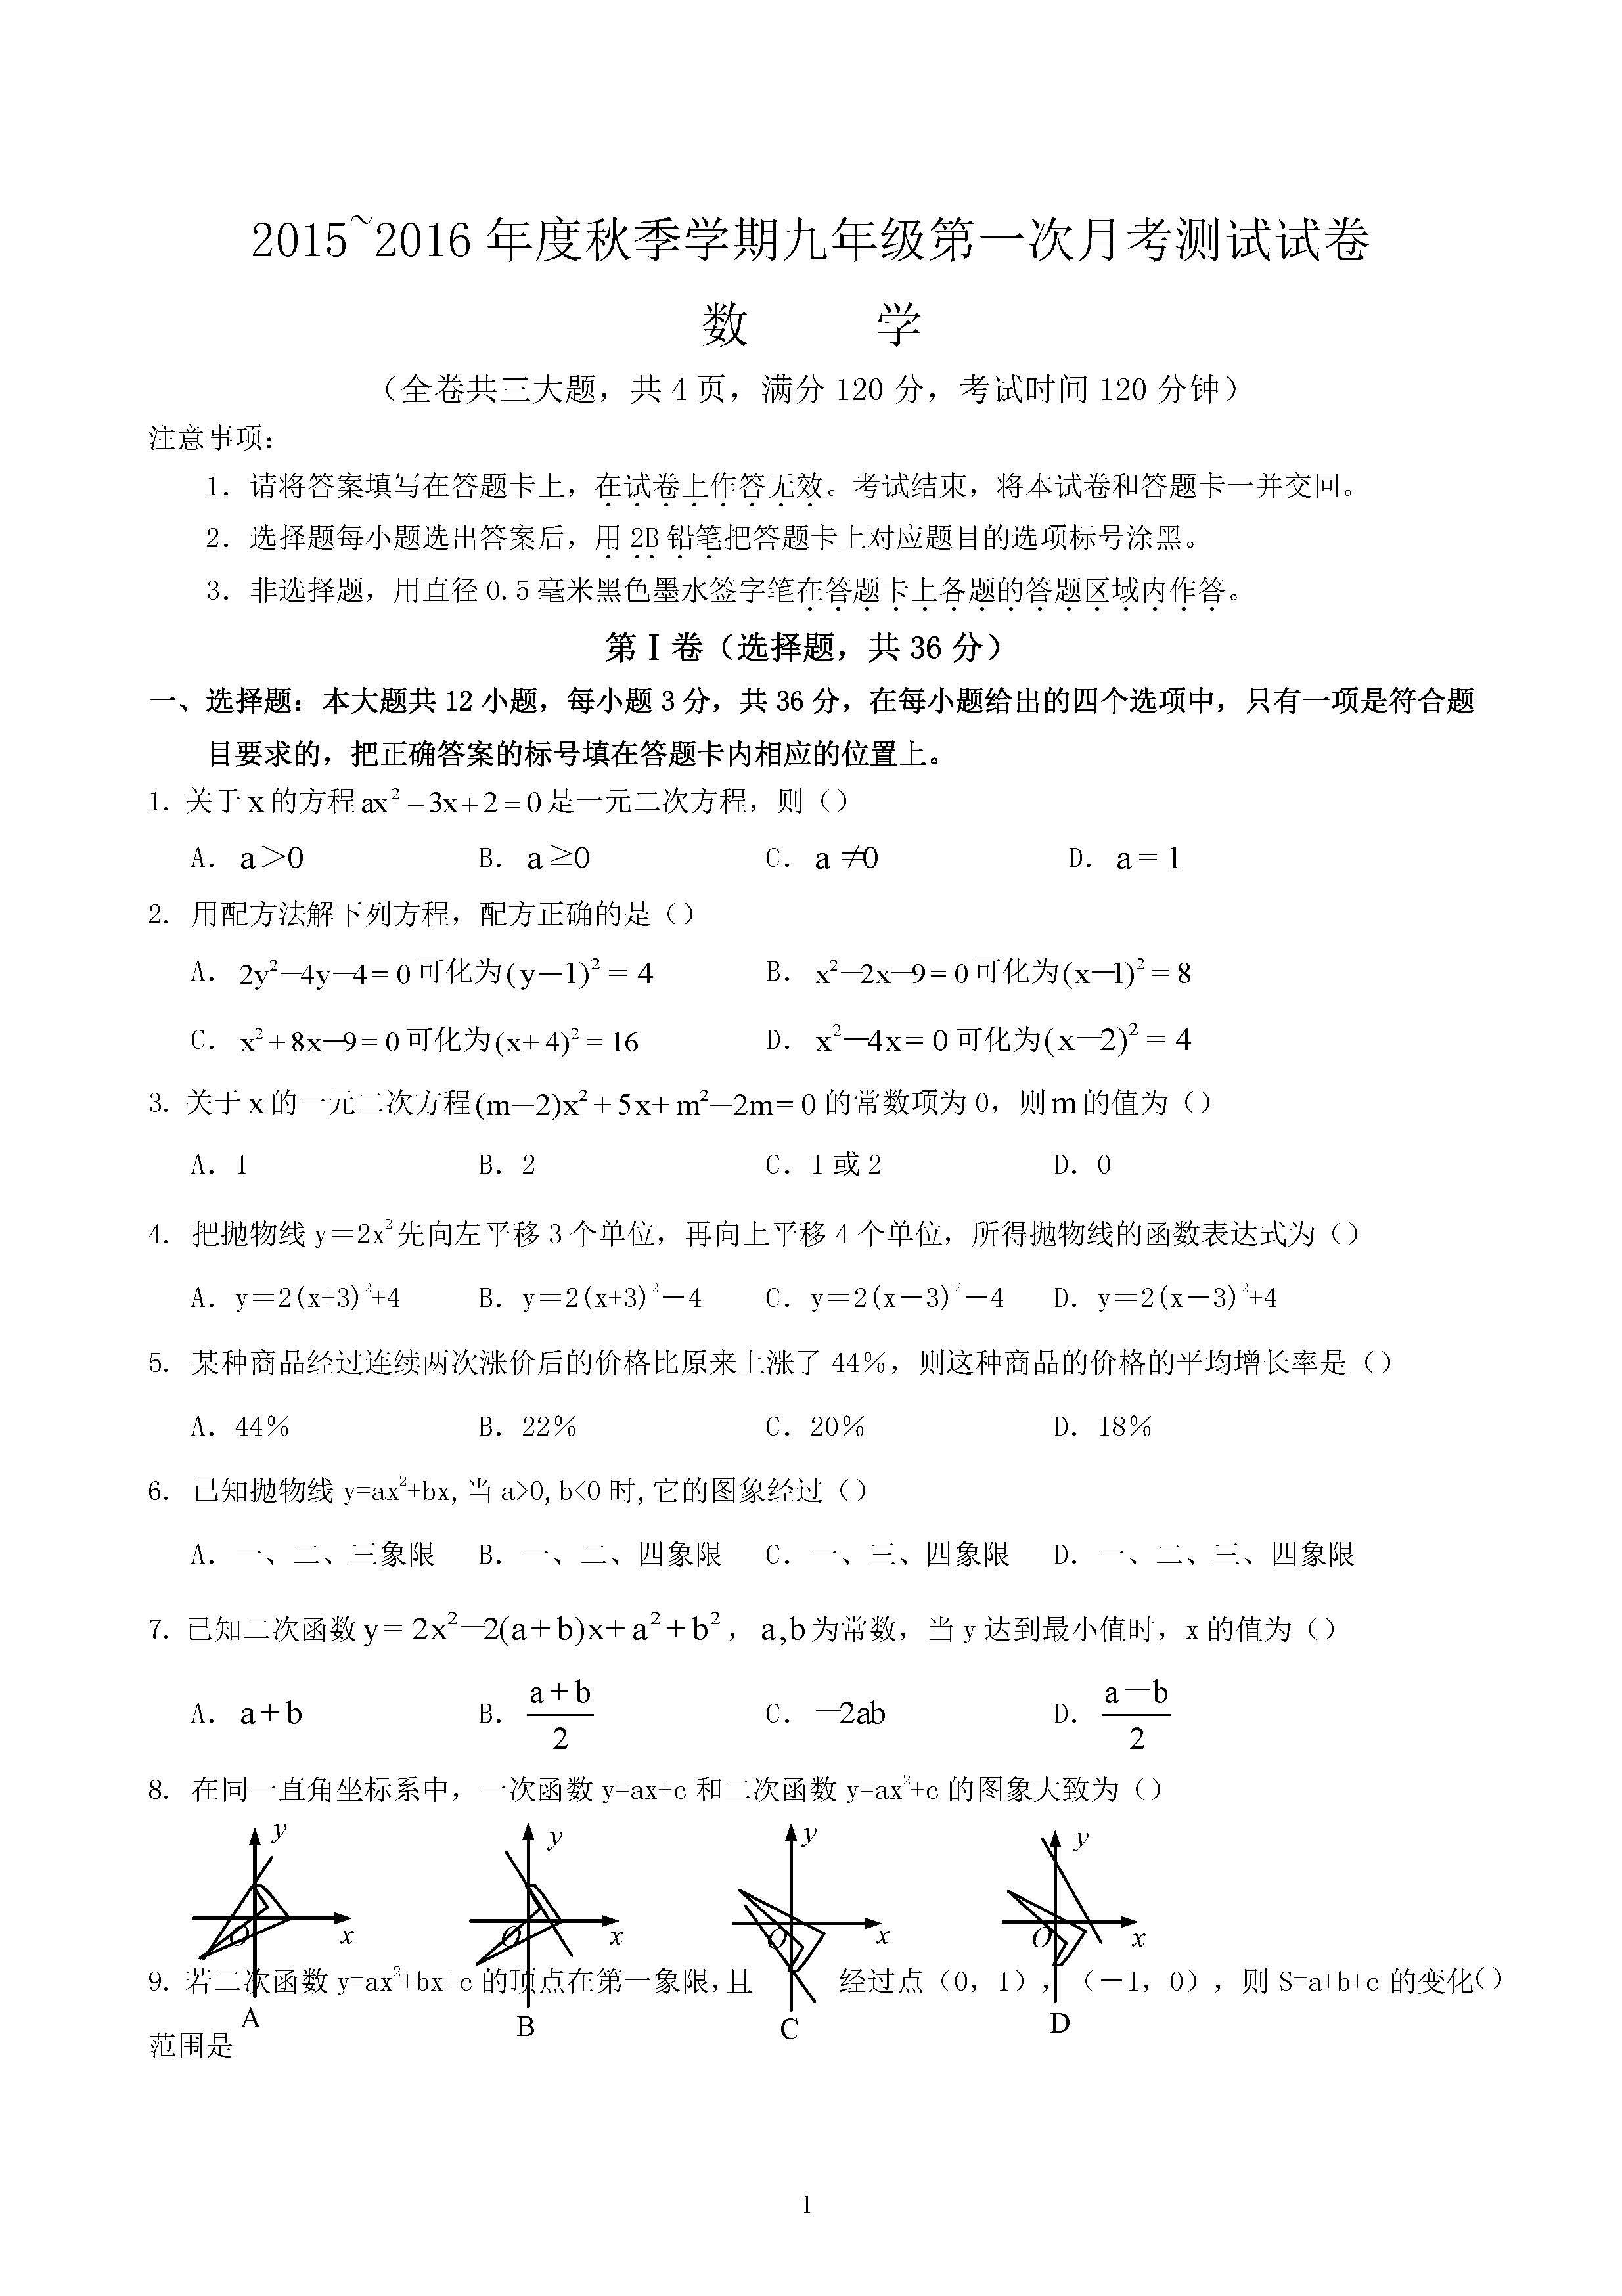 2016百色九年级第一次月考数学试题(含答案解析)